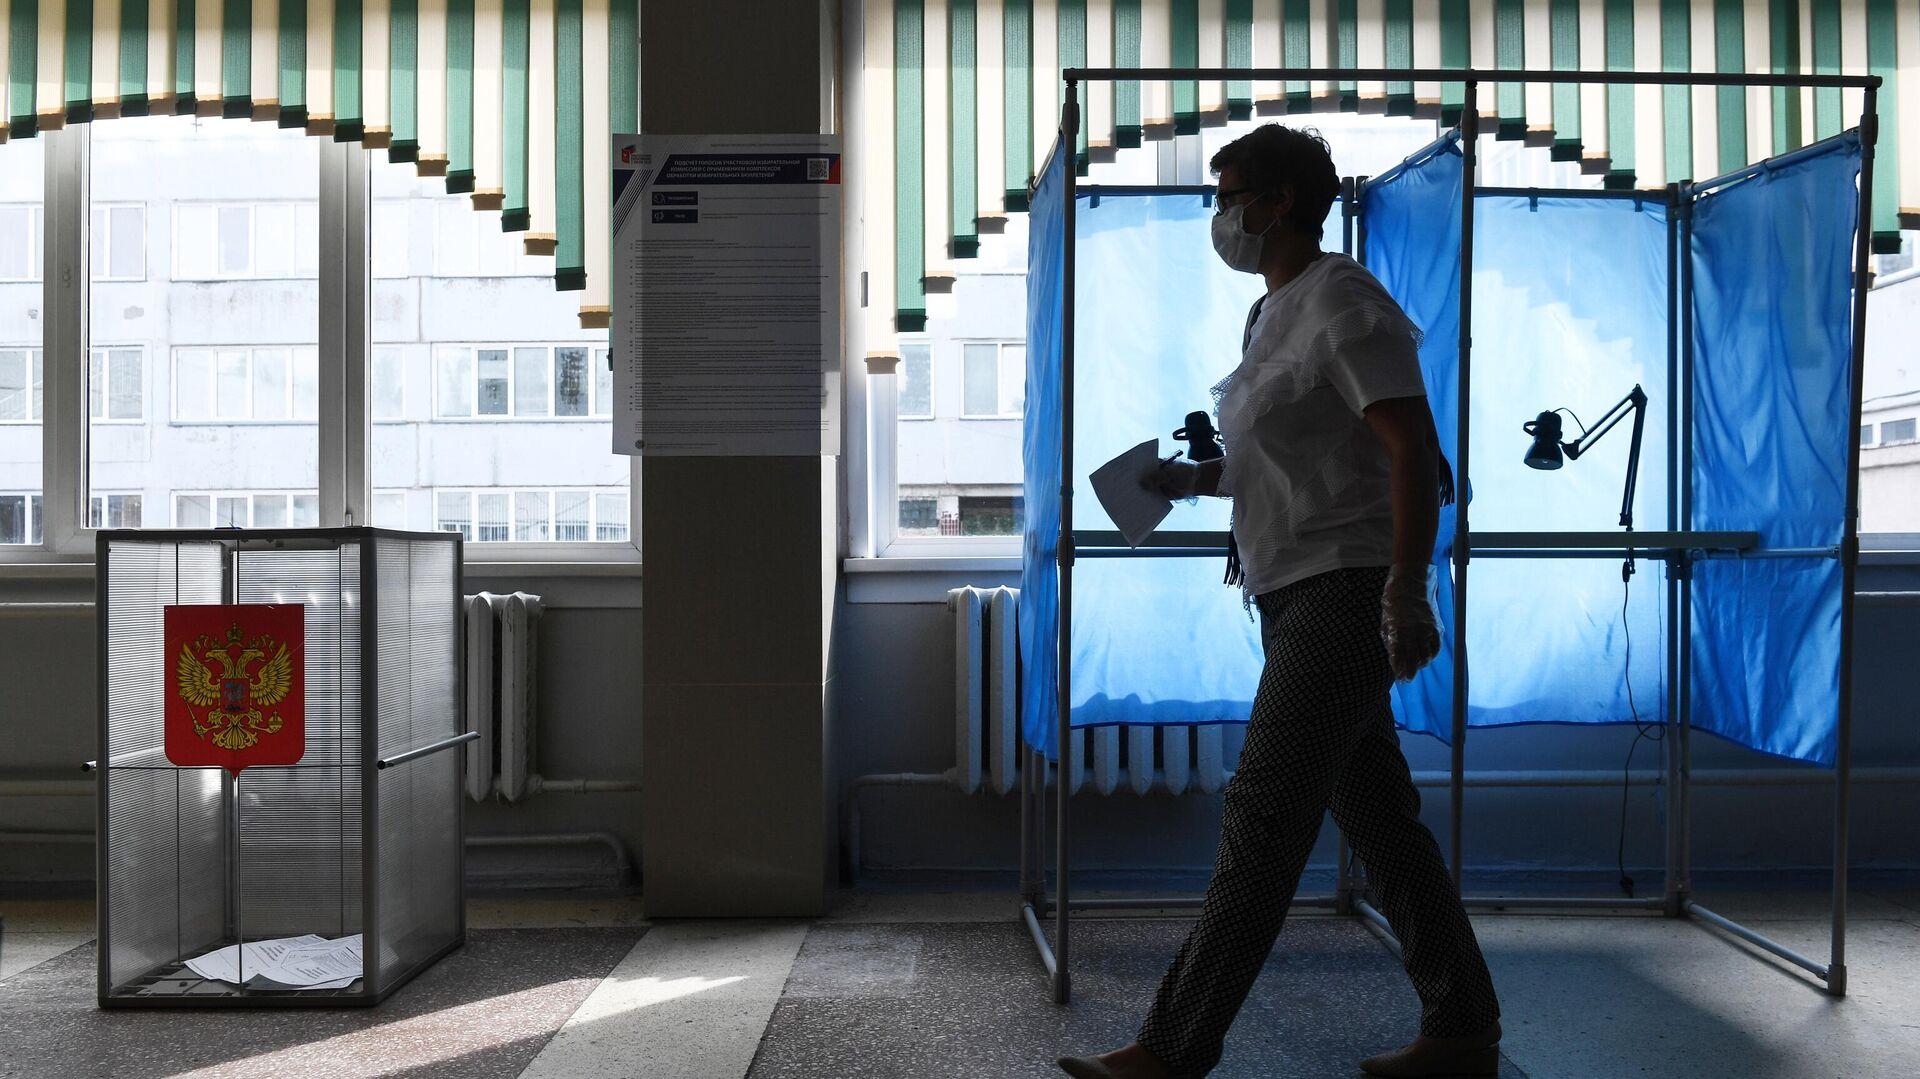 Женщина принимает участие в голосовании по внесению поправок в Конституцию РФ на избирательном участке №1503 в Новосибирске - РИА Новости, 1920, 08.02.2021